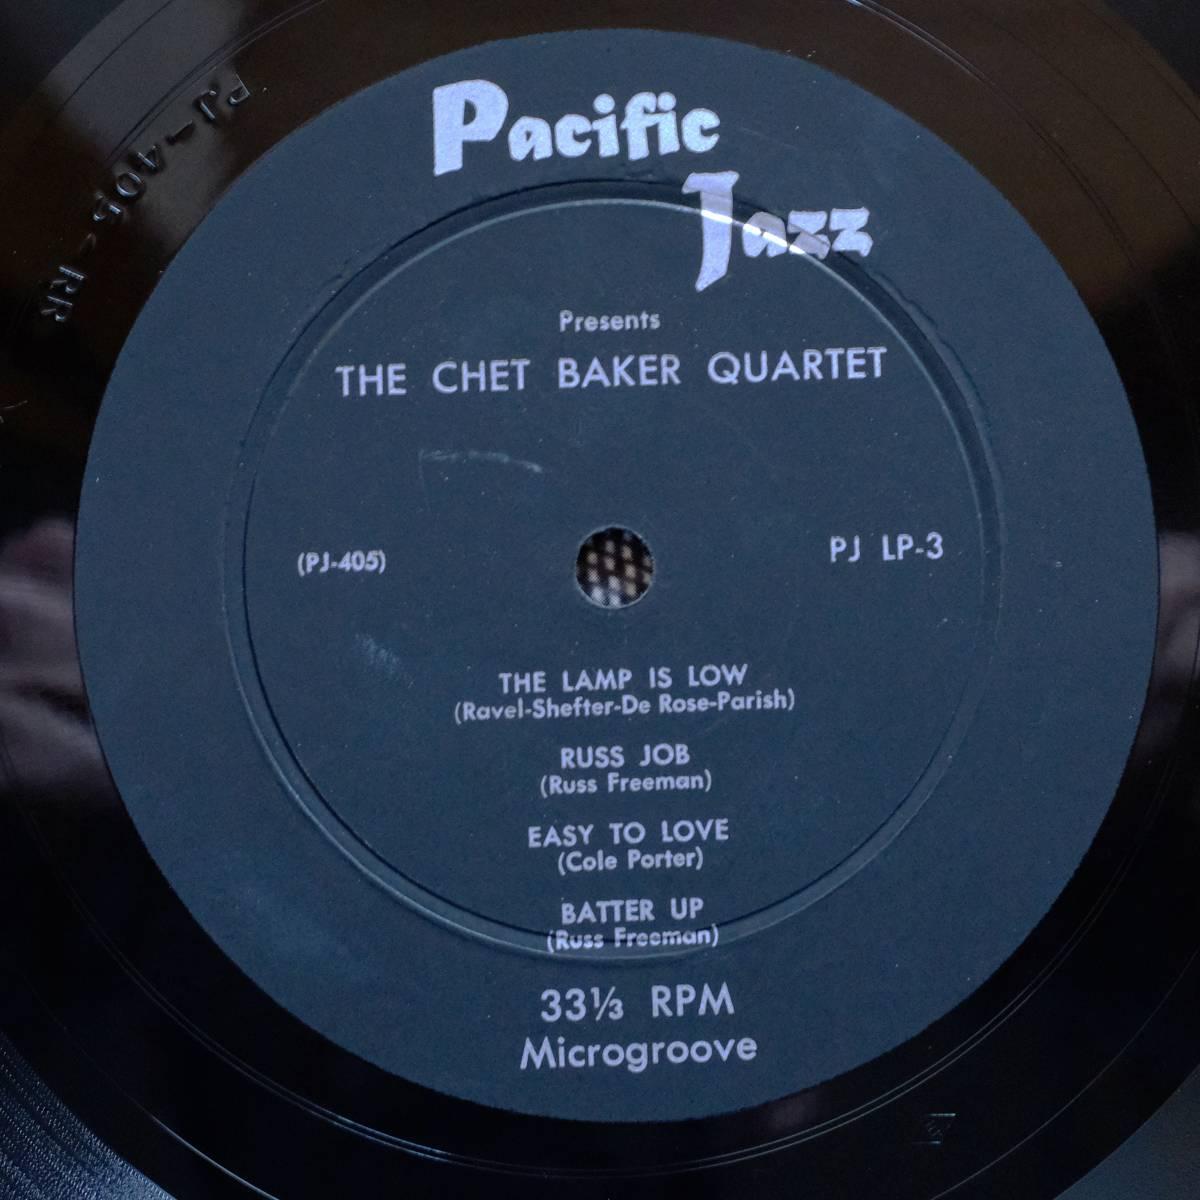 Pacific Jazz PJ-LP3 【The Chet Baker Quartet 】10インチ 極めて良好 フラット盤_画像5